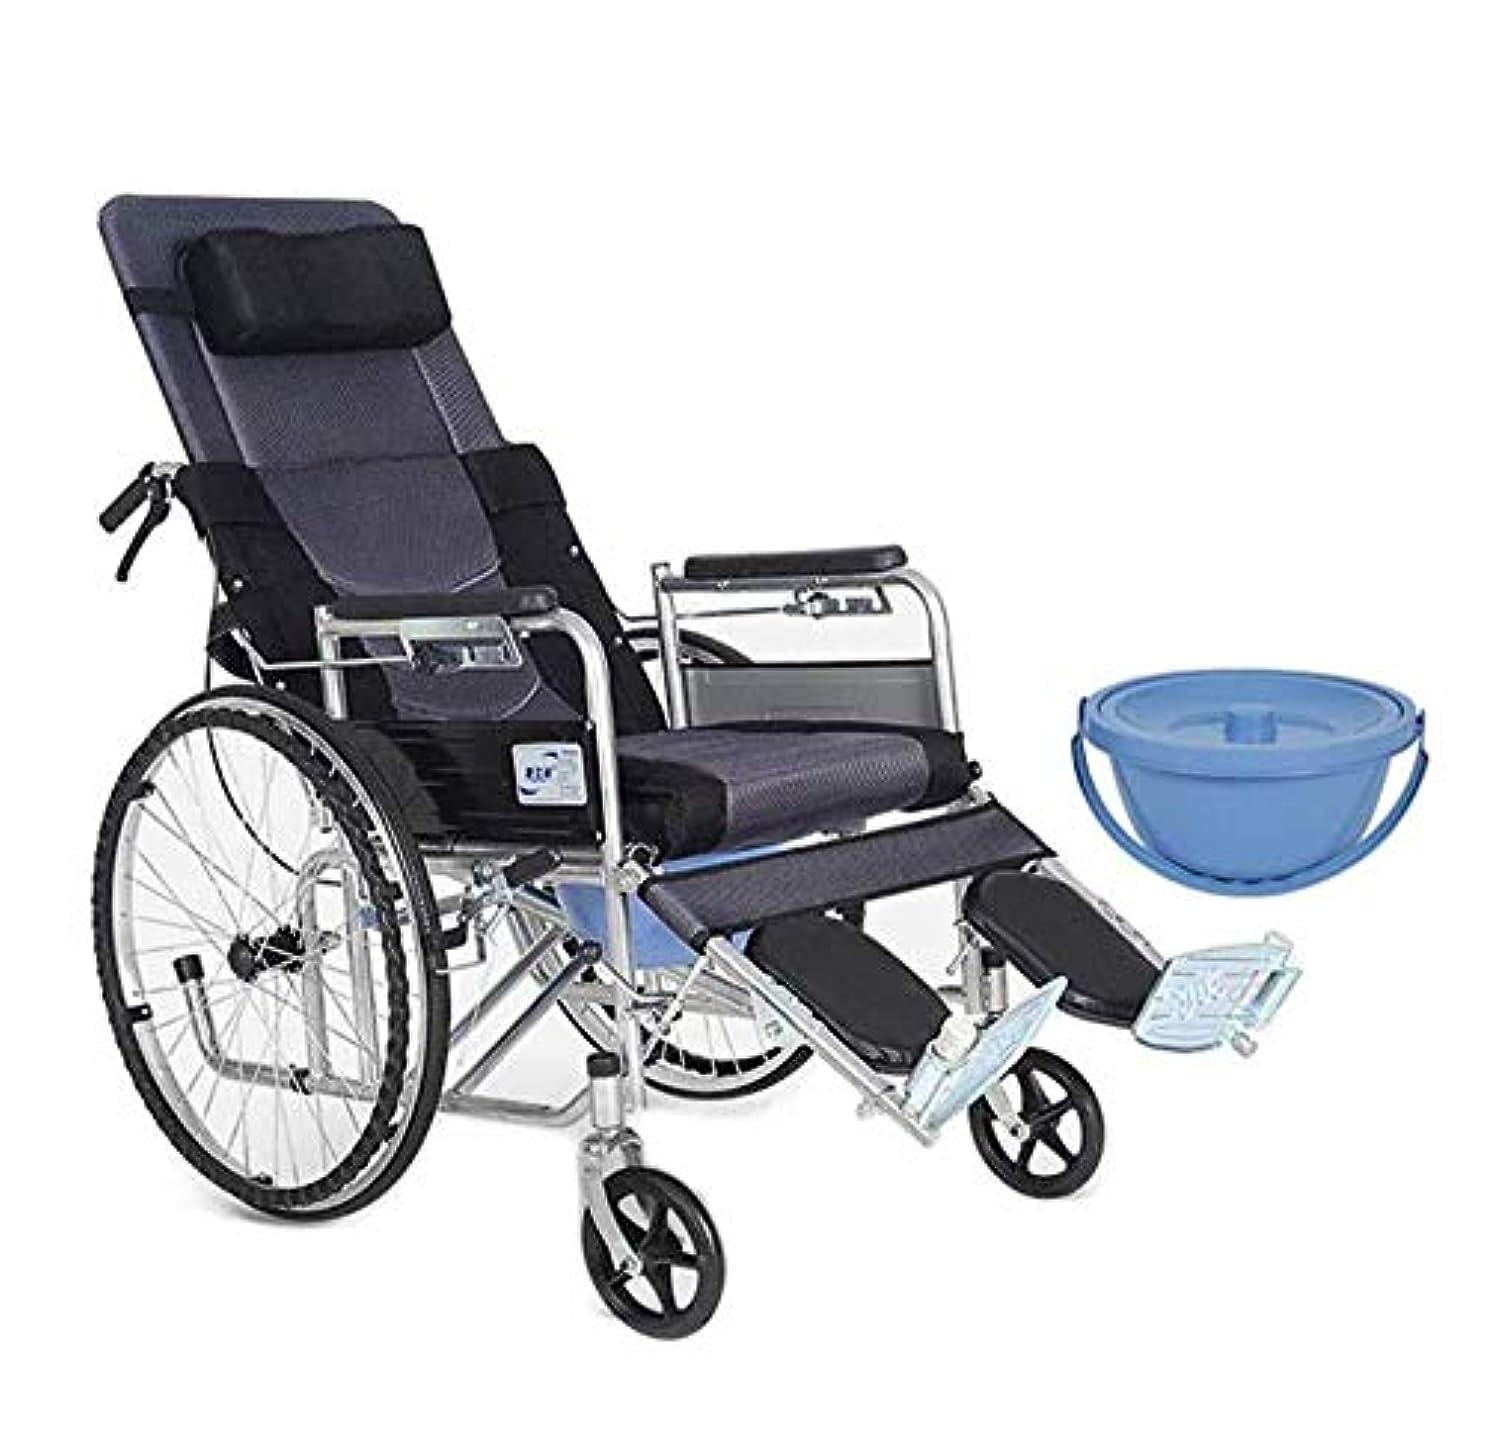 ダメージ足音アルカトラズ島折り畳み式車椅子の足は下肢の障害/麻痺/転倒/骨折のために持ち上げることができますトロリーはそれ自身で車椅子を制動できます